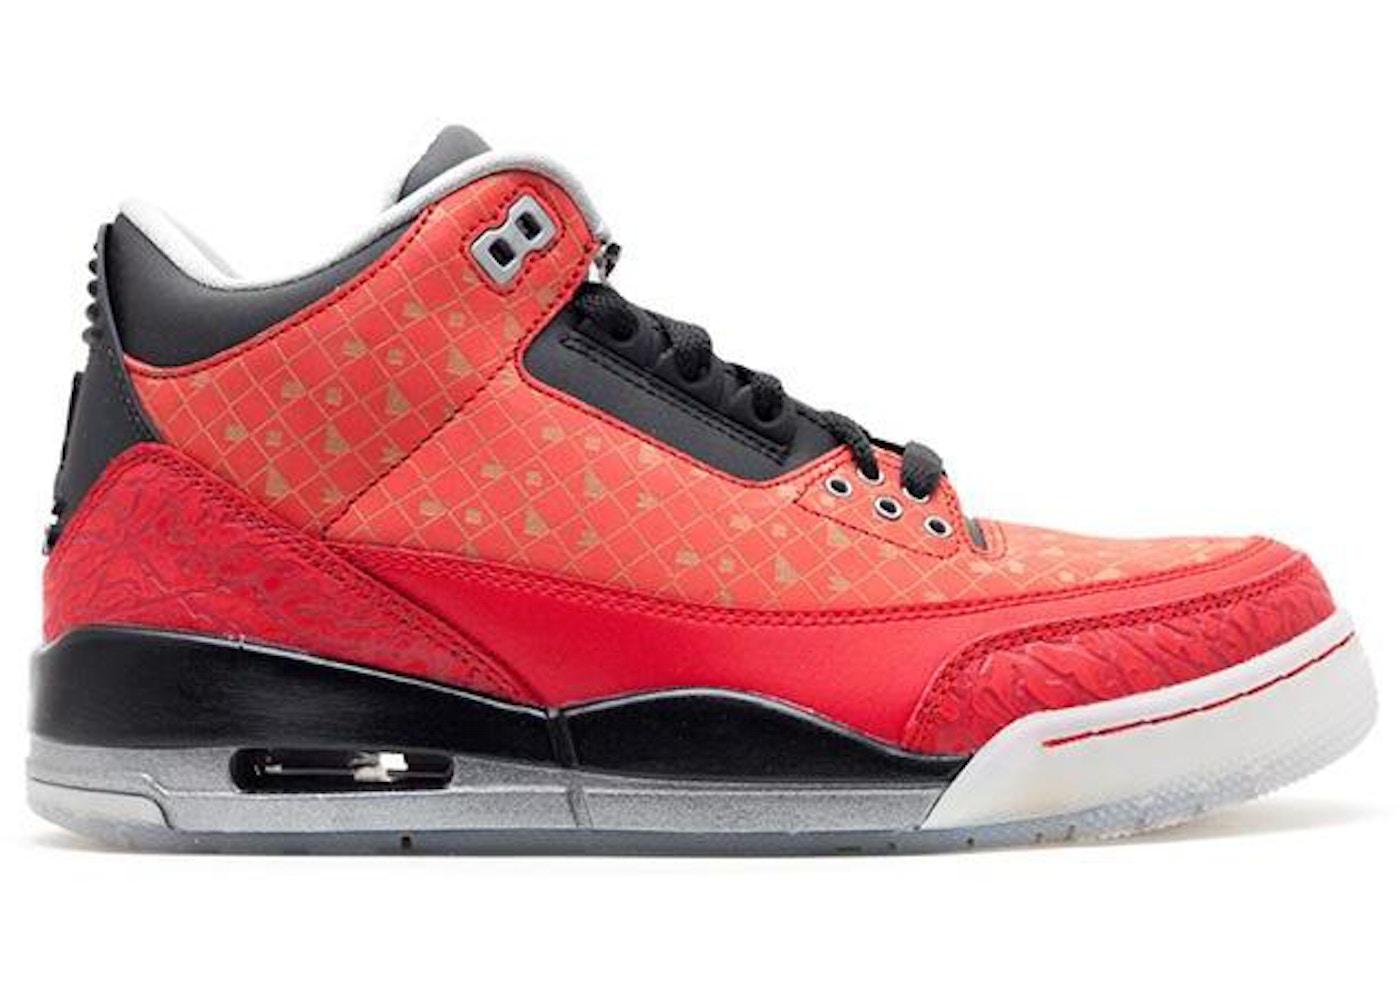 066b32a22440ba Jordan 3 Retro Doernbecher (2010) - 437536-600